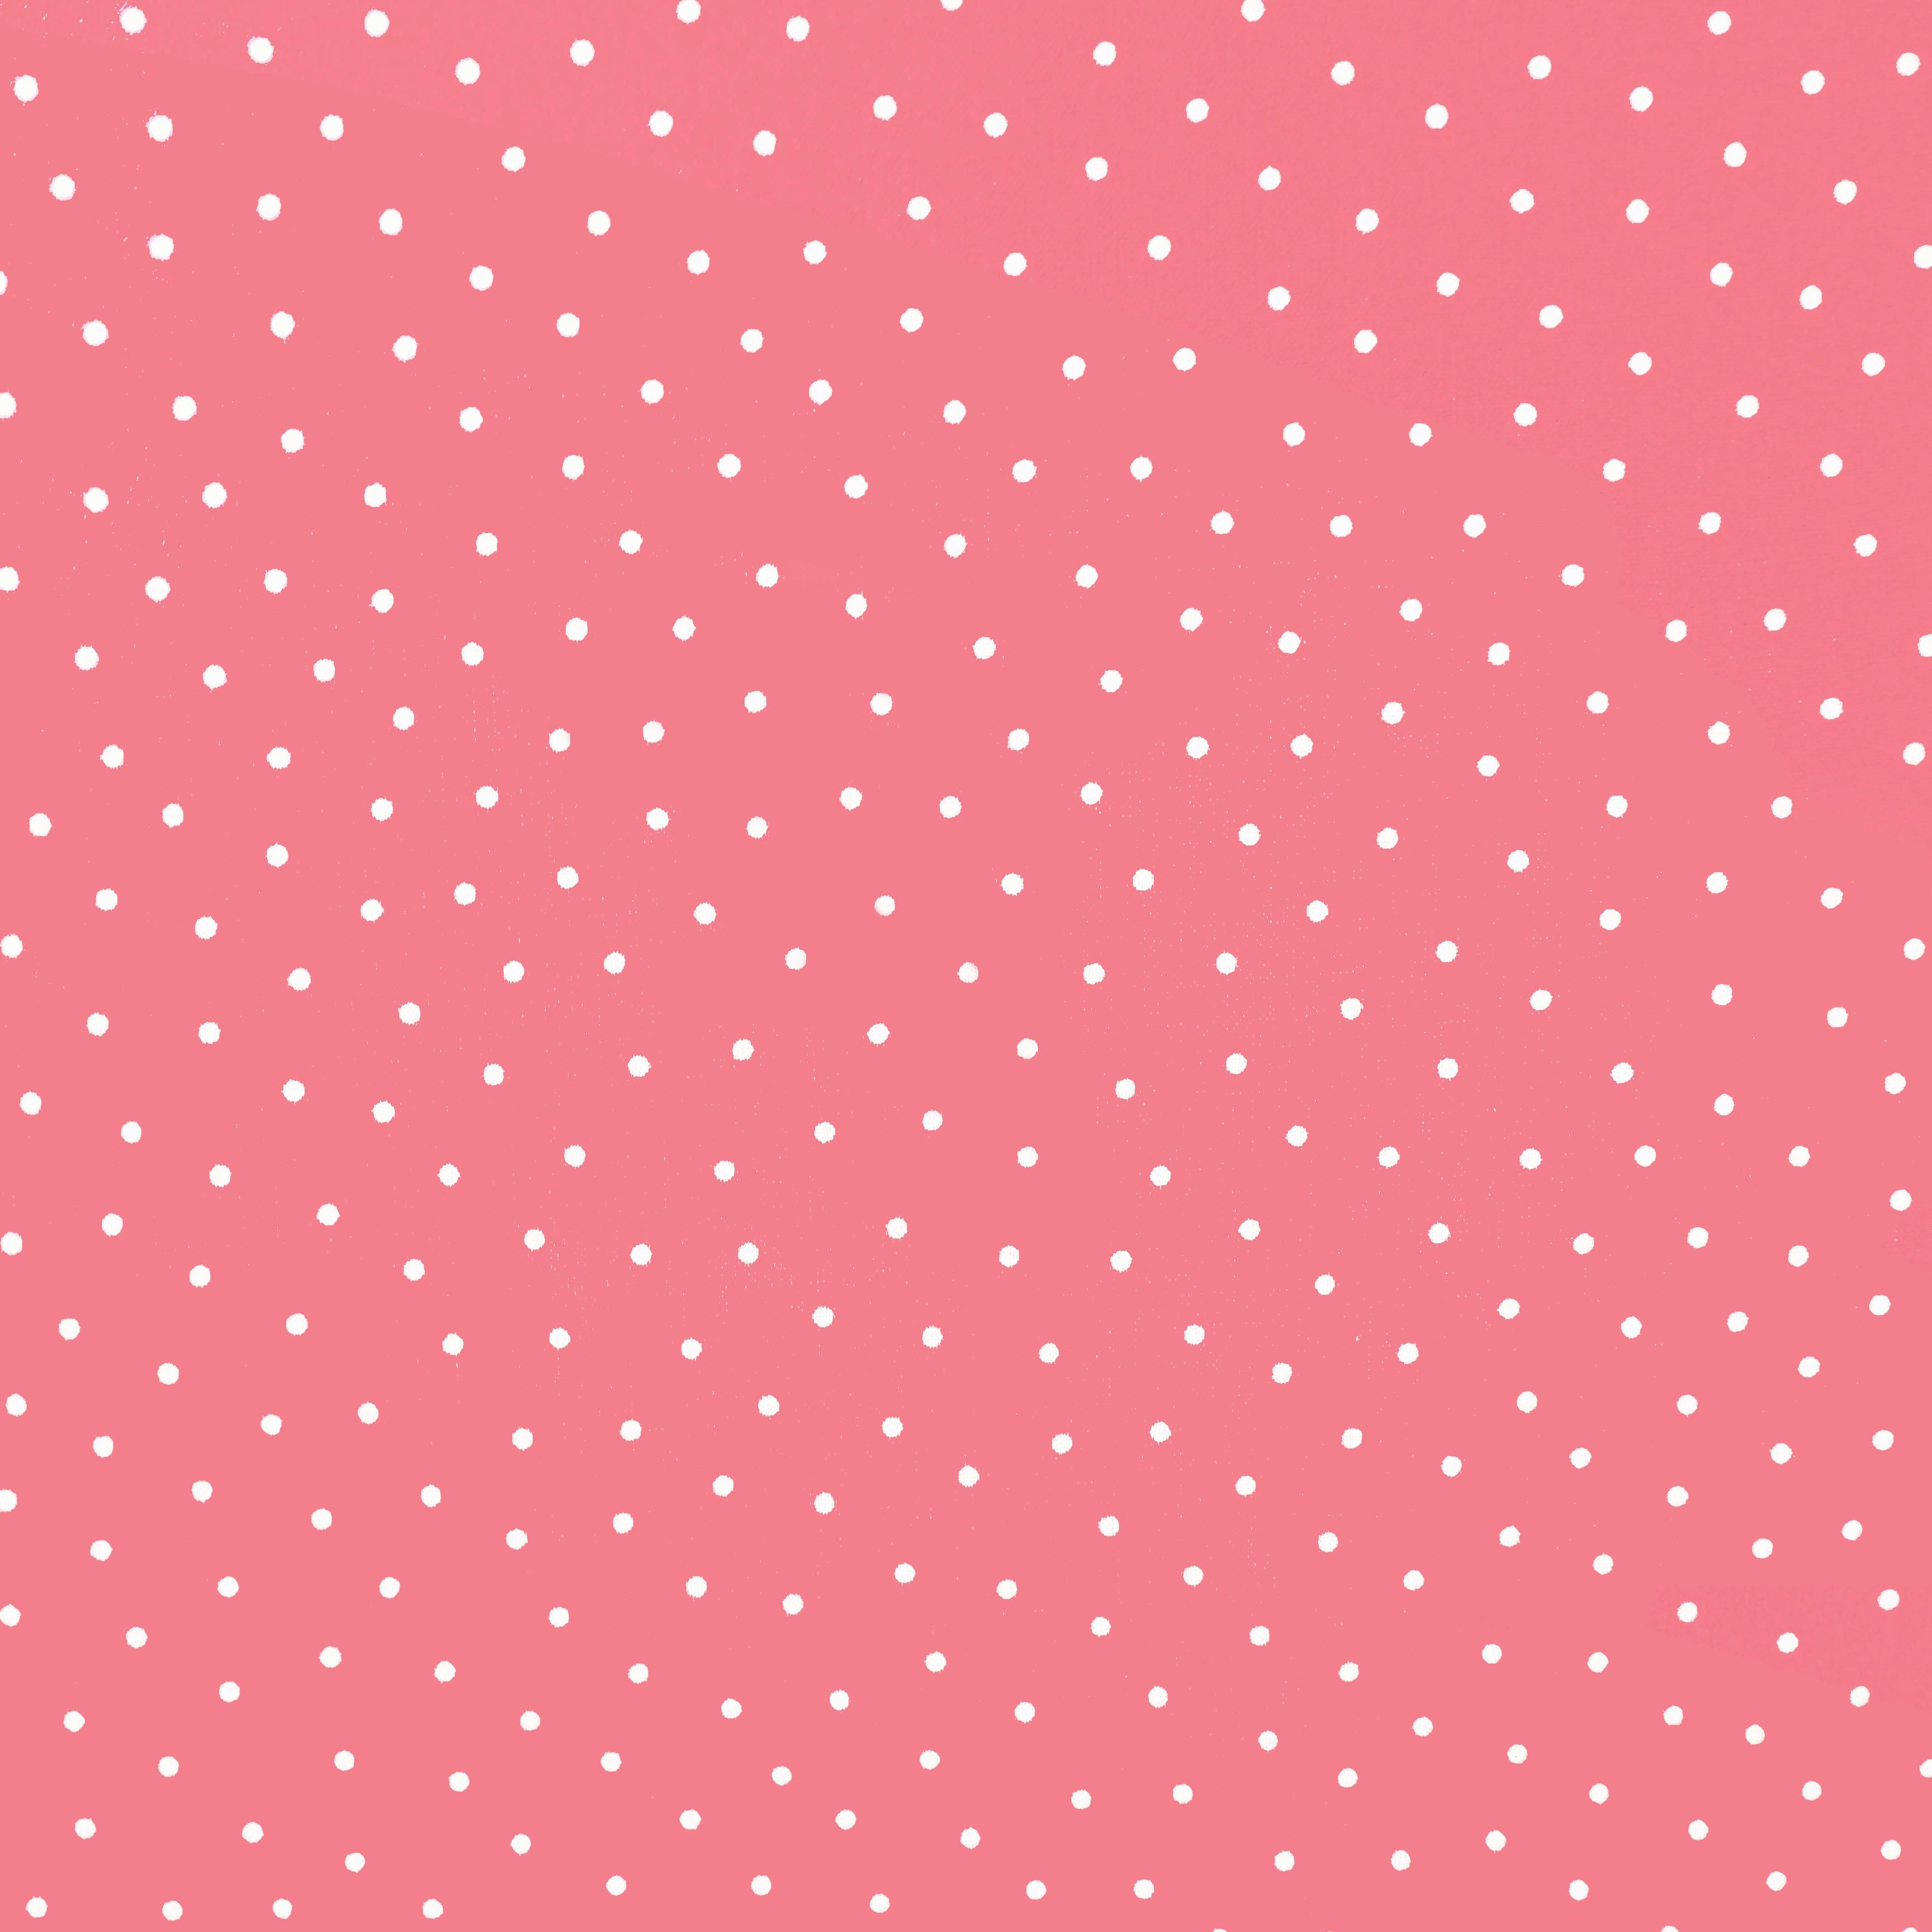 Картинки в горошек розовый, любой страны утро